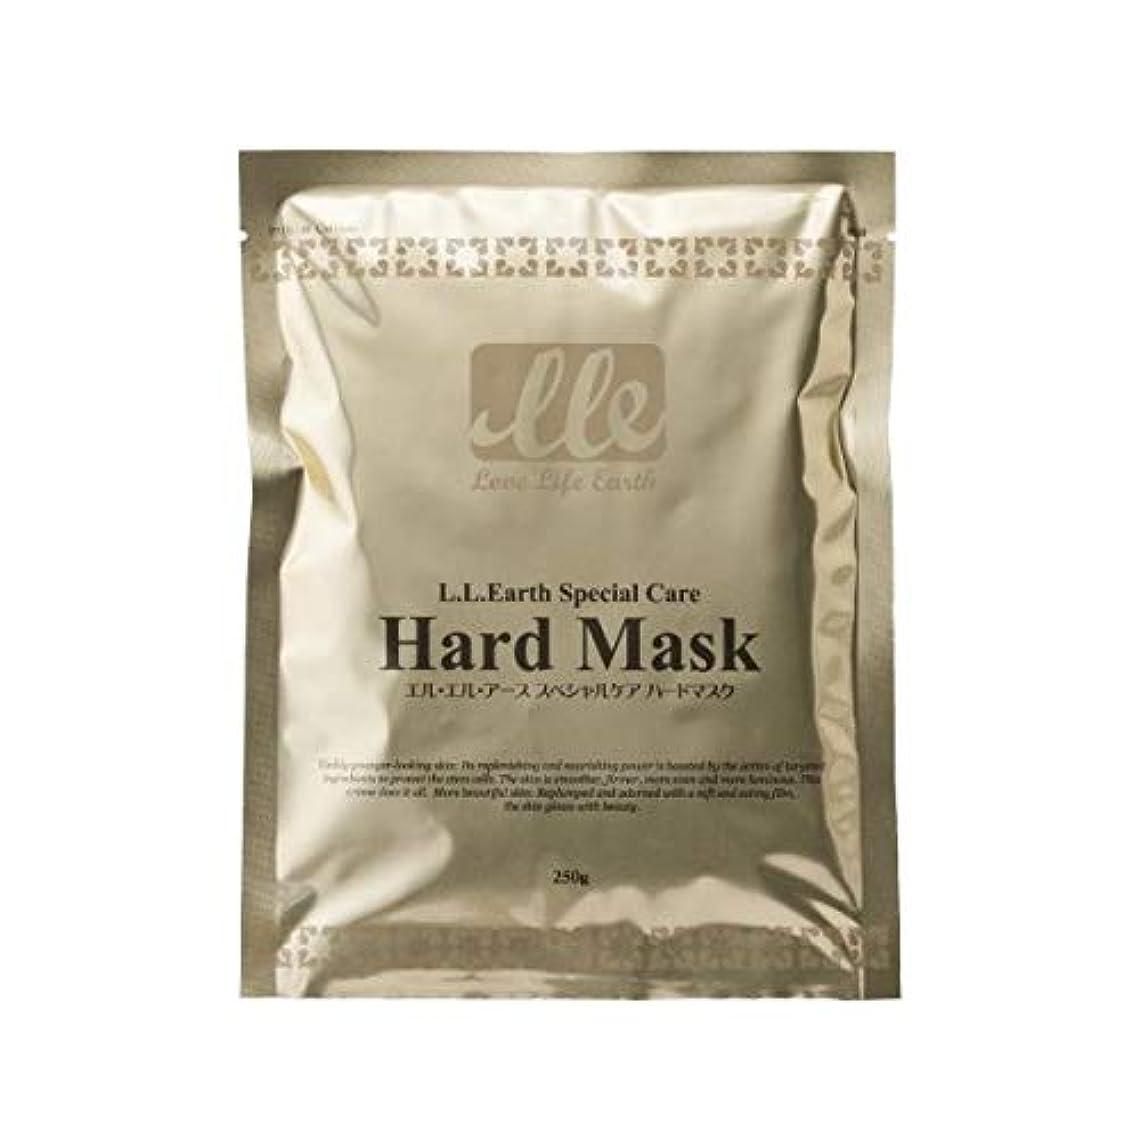 ミス委任テレマコスLLE ハードマスク 業務用 250g×5 石膏パック フェイスパック パック エステ用品